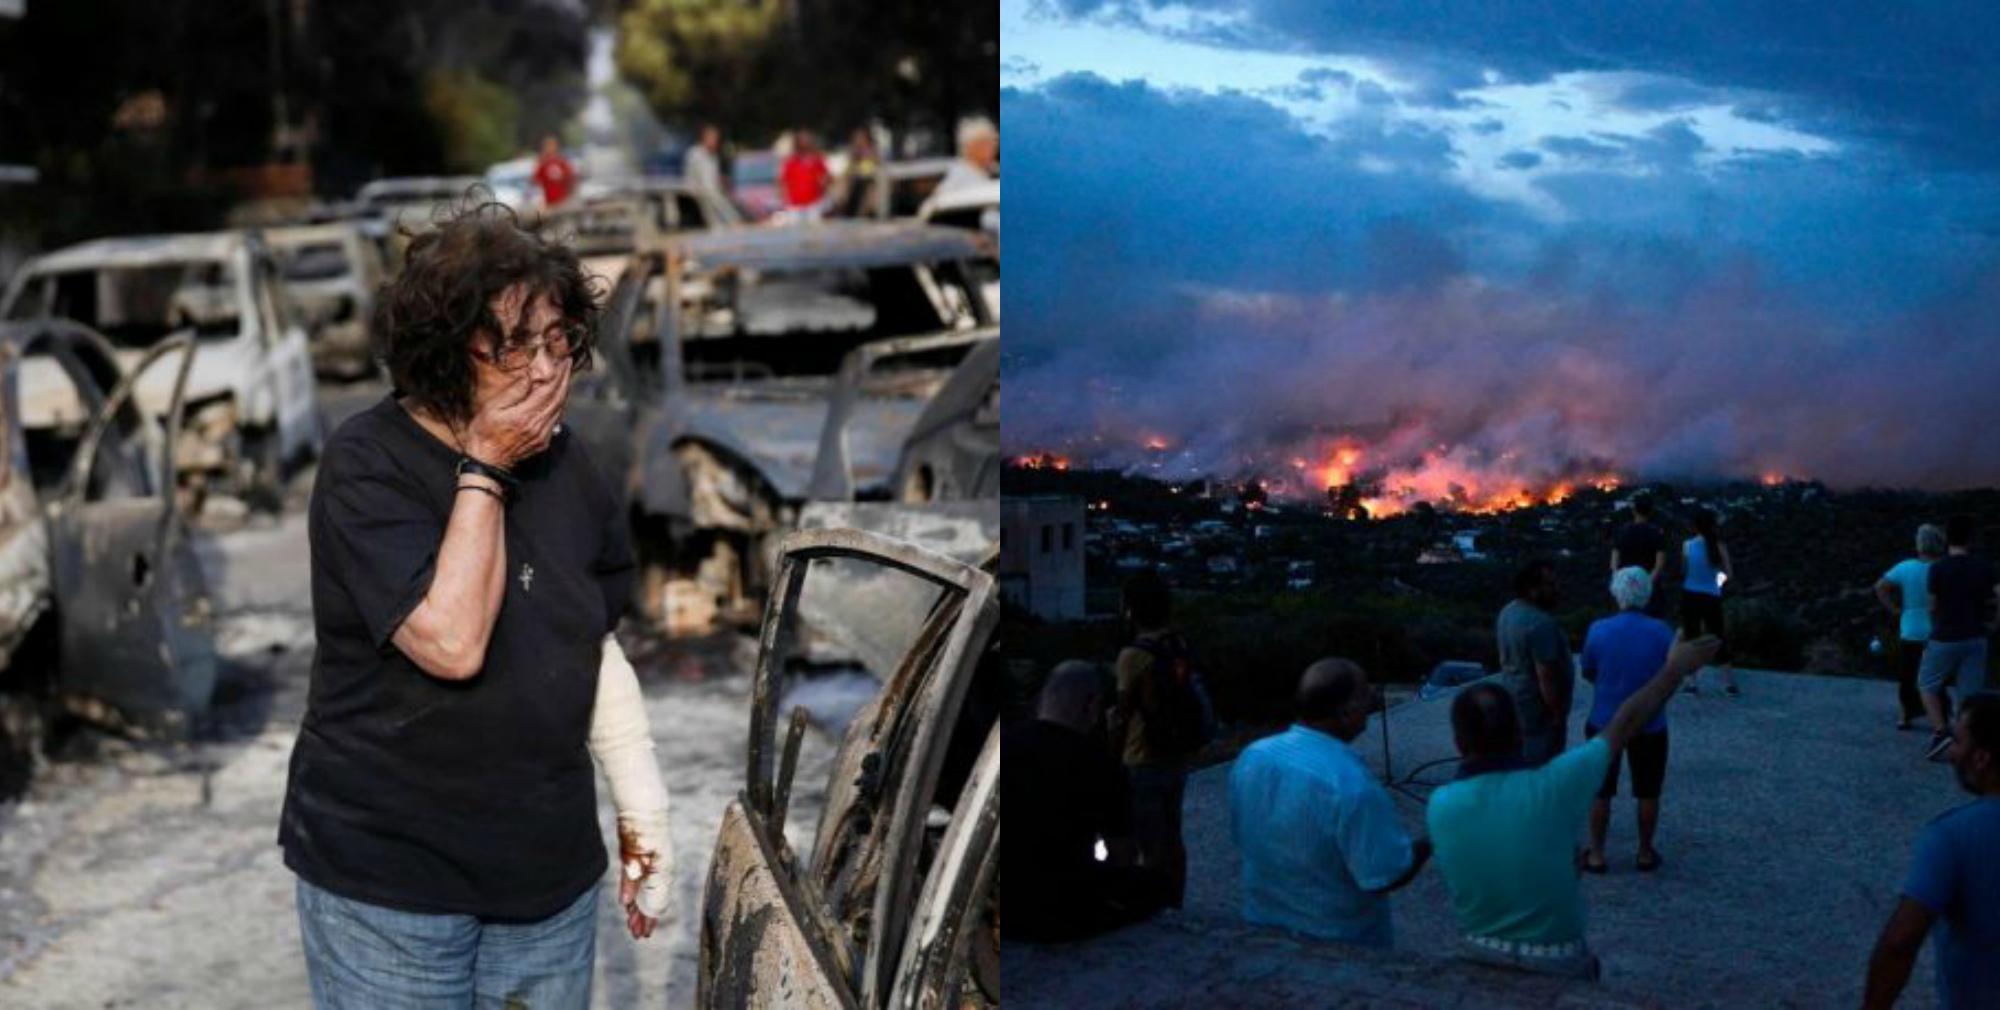 Հունաստանում մոլեգնող հրդեհները՝ ողջ մասշտաբով․ ֆոտոշարք